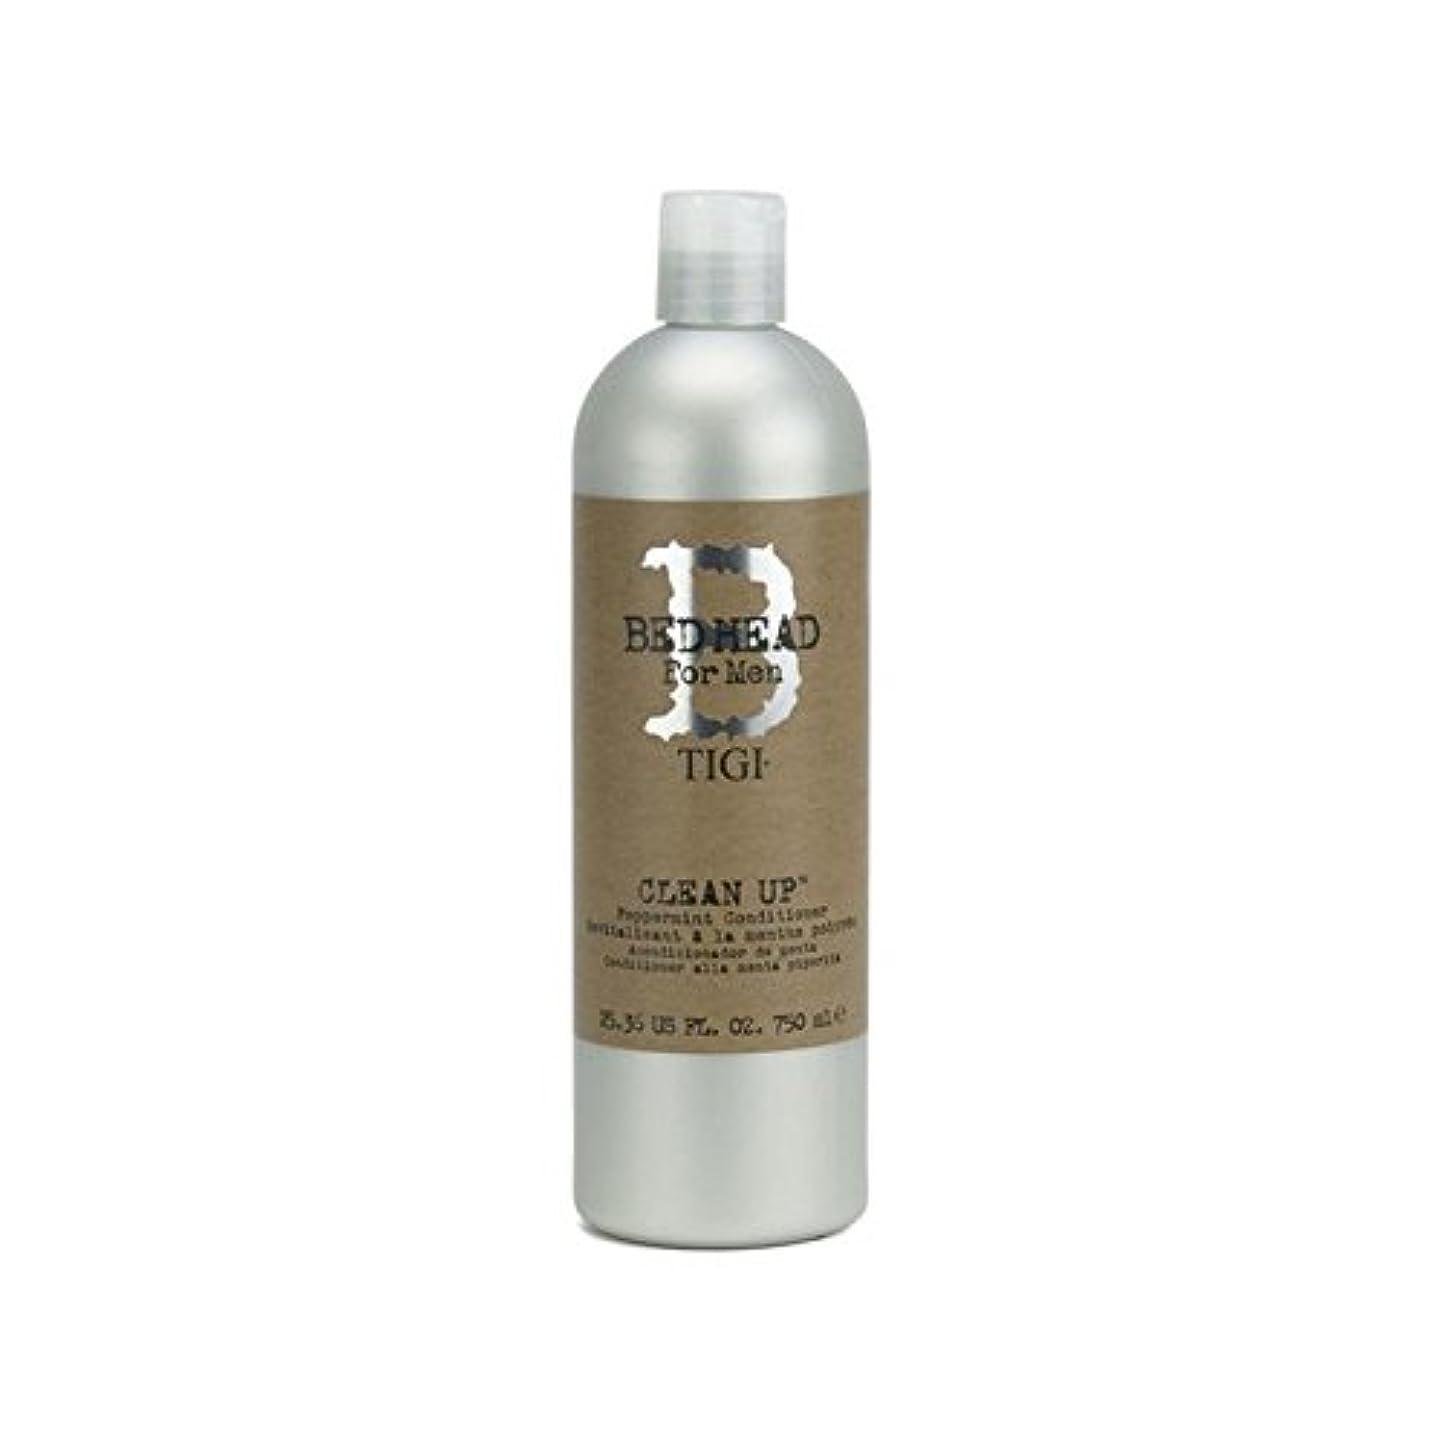 等々塊慈悲Tigi Bed Head For Men Clean Up Peppermint Conditioner (750ml) (Pack of 6) - ペパーミントコンディショナーをクリーンアップする男性のためのティジーベッドヘッド...